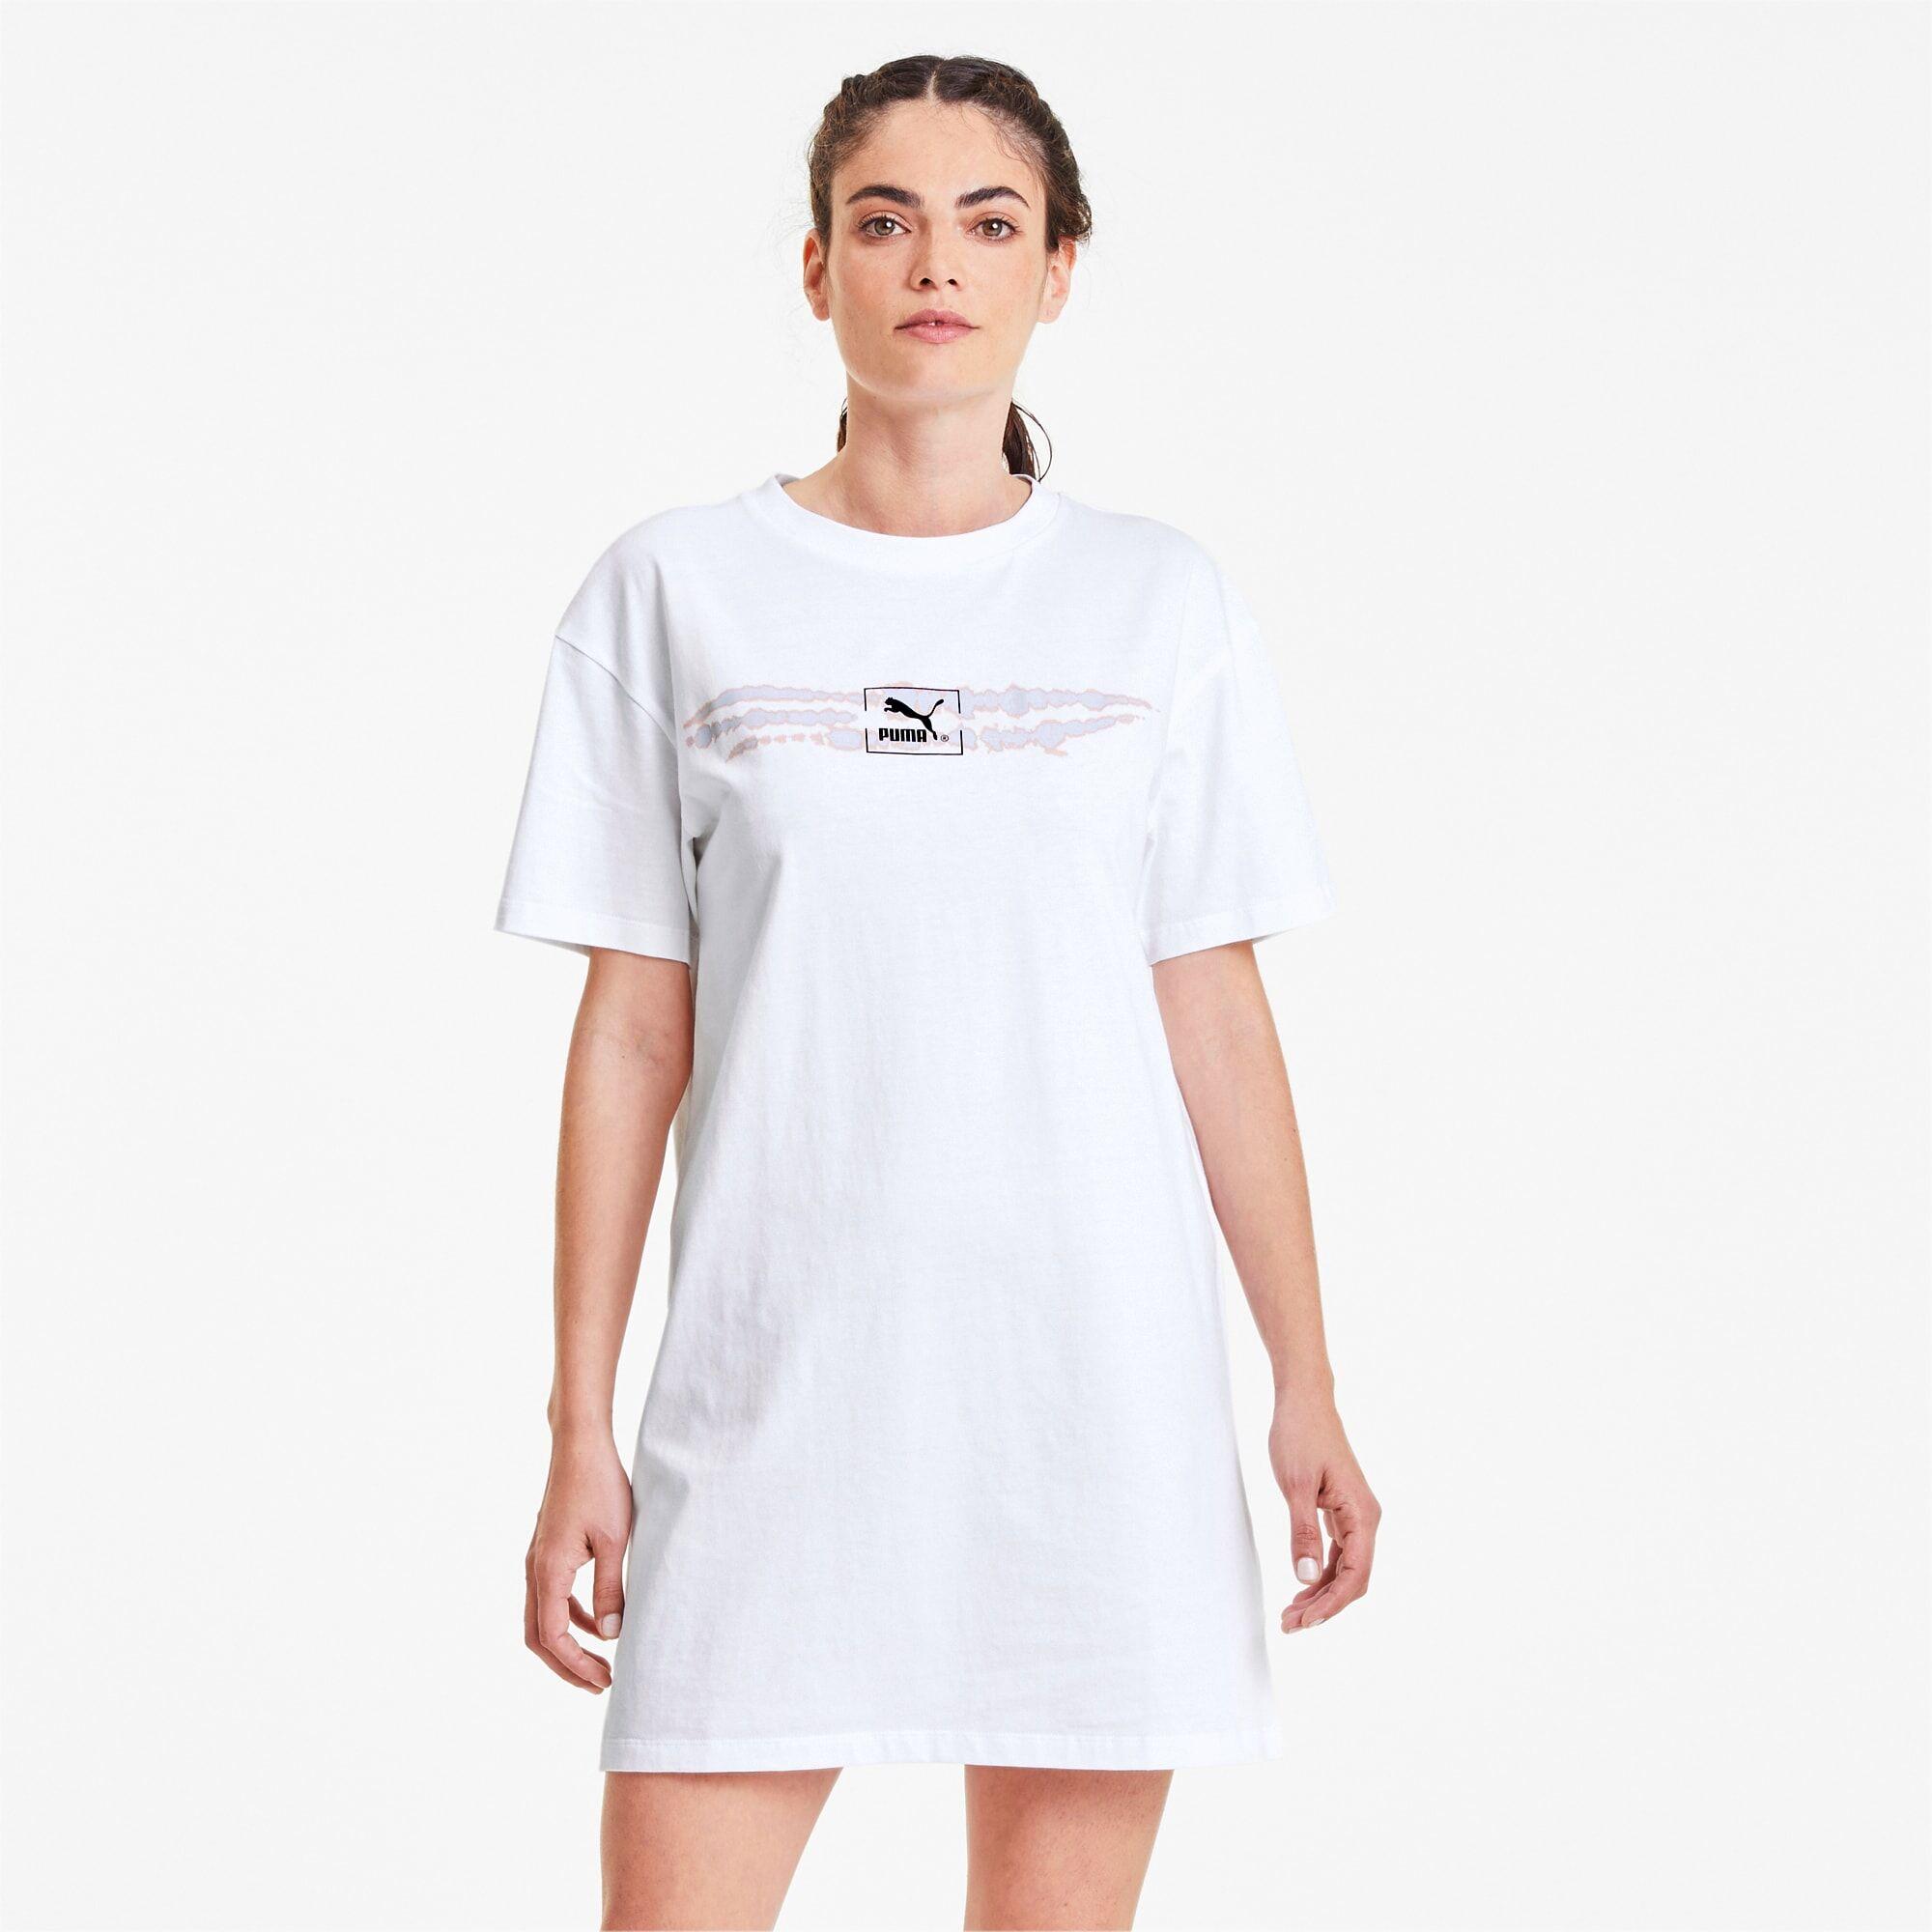 PUMA Robe Tie Dye pour Femme, Blanc, Taille S, Vêtements